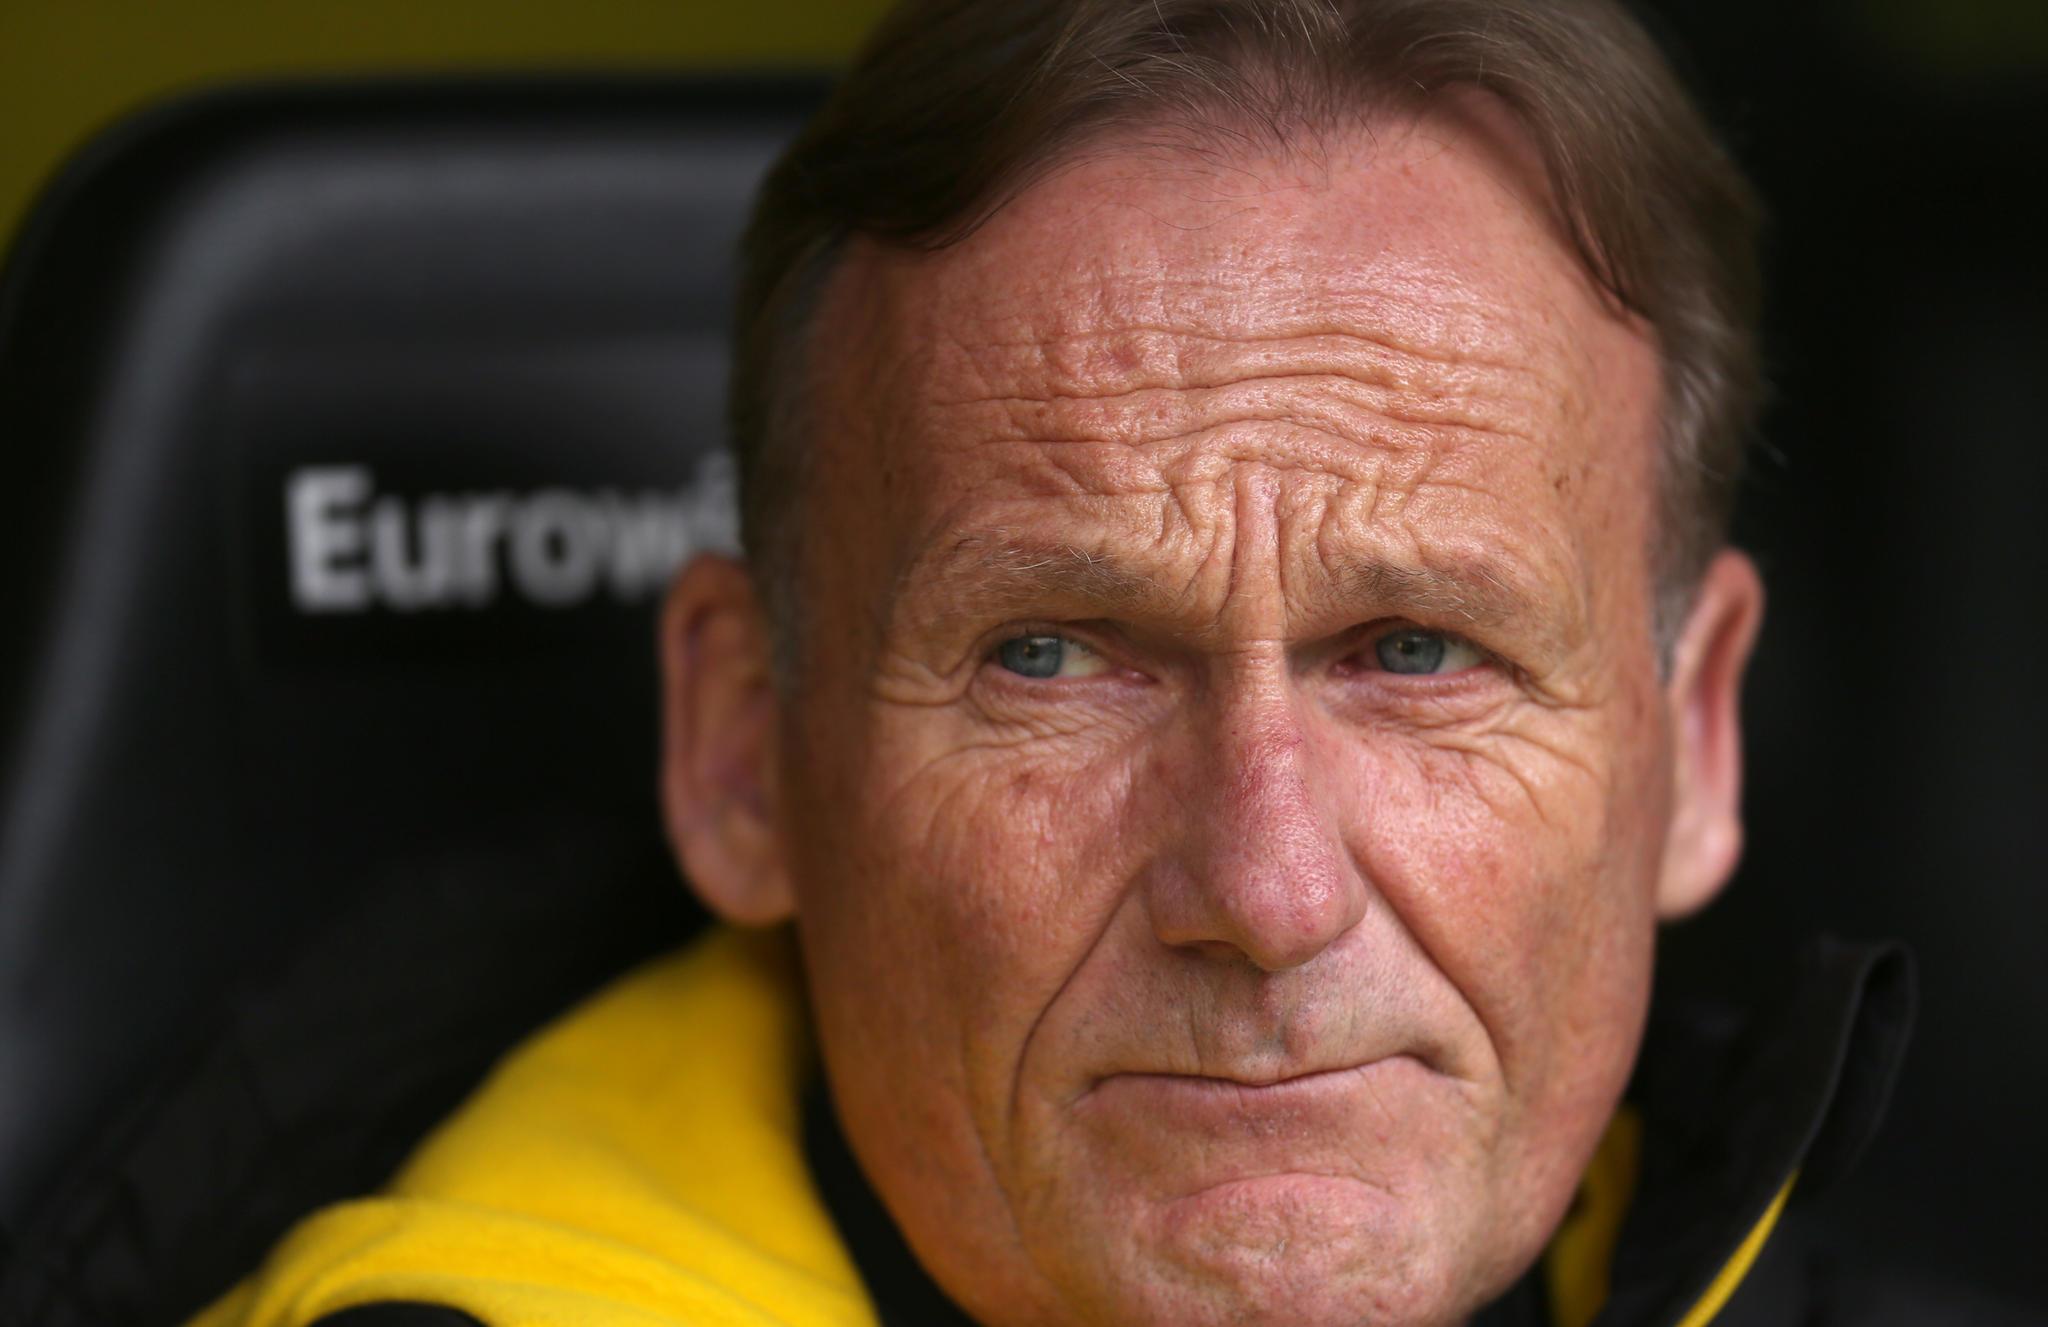 BVB-Boss Watzke will streikende Spieler auf die Tribüne verbannen | STERN.de